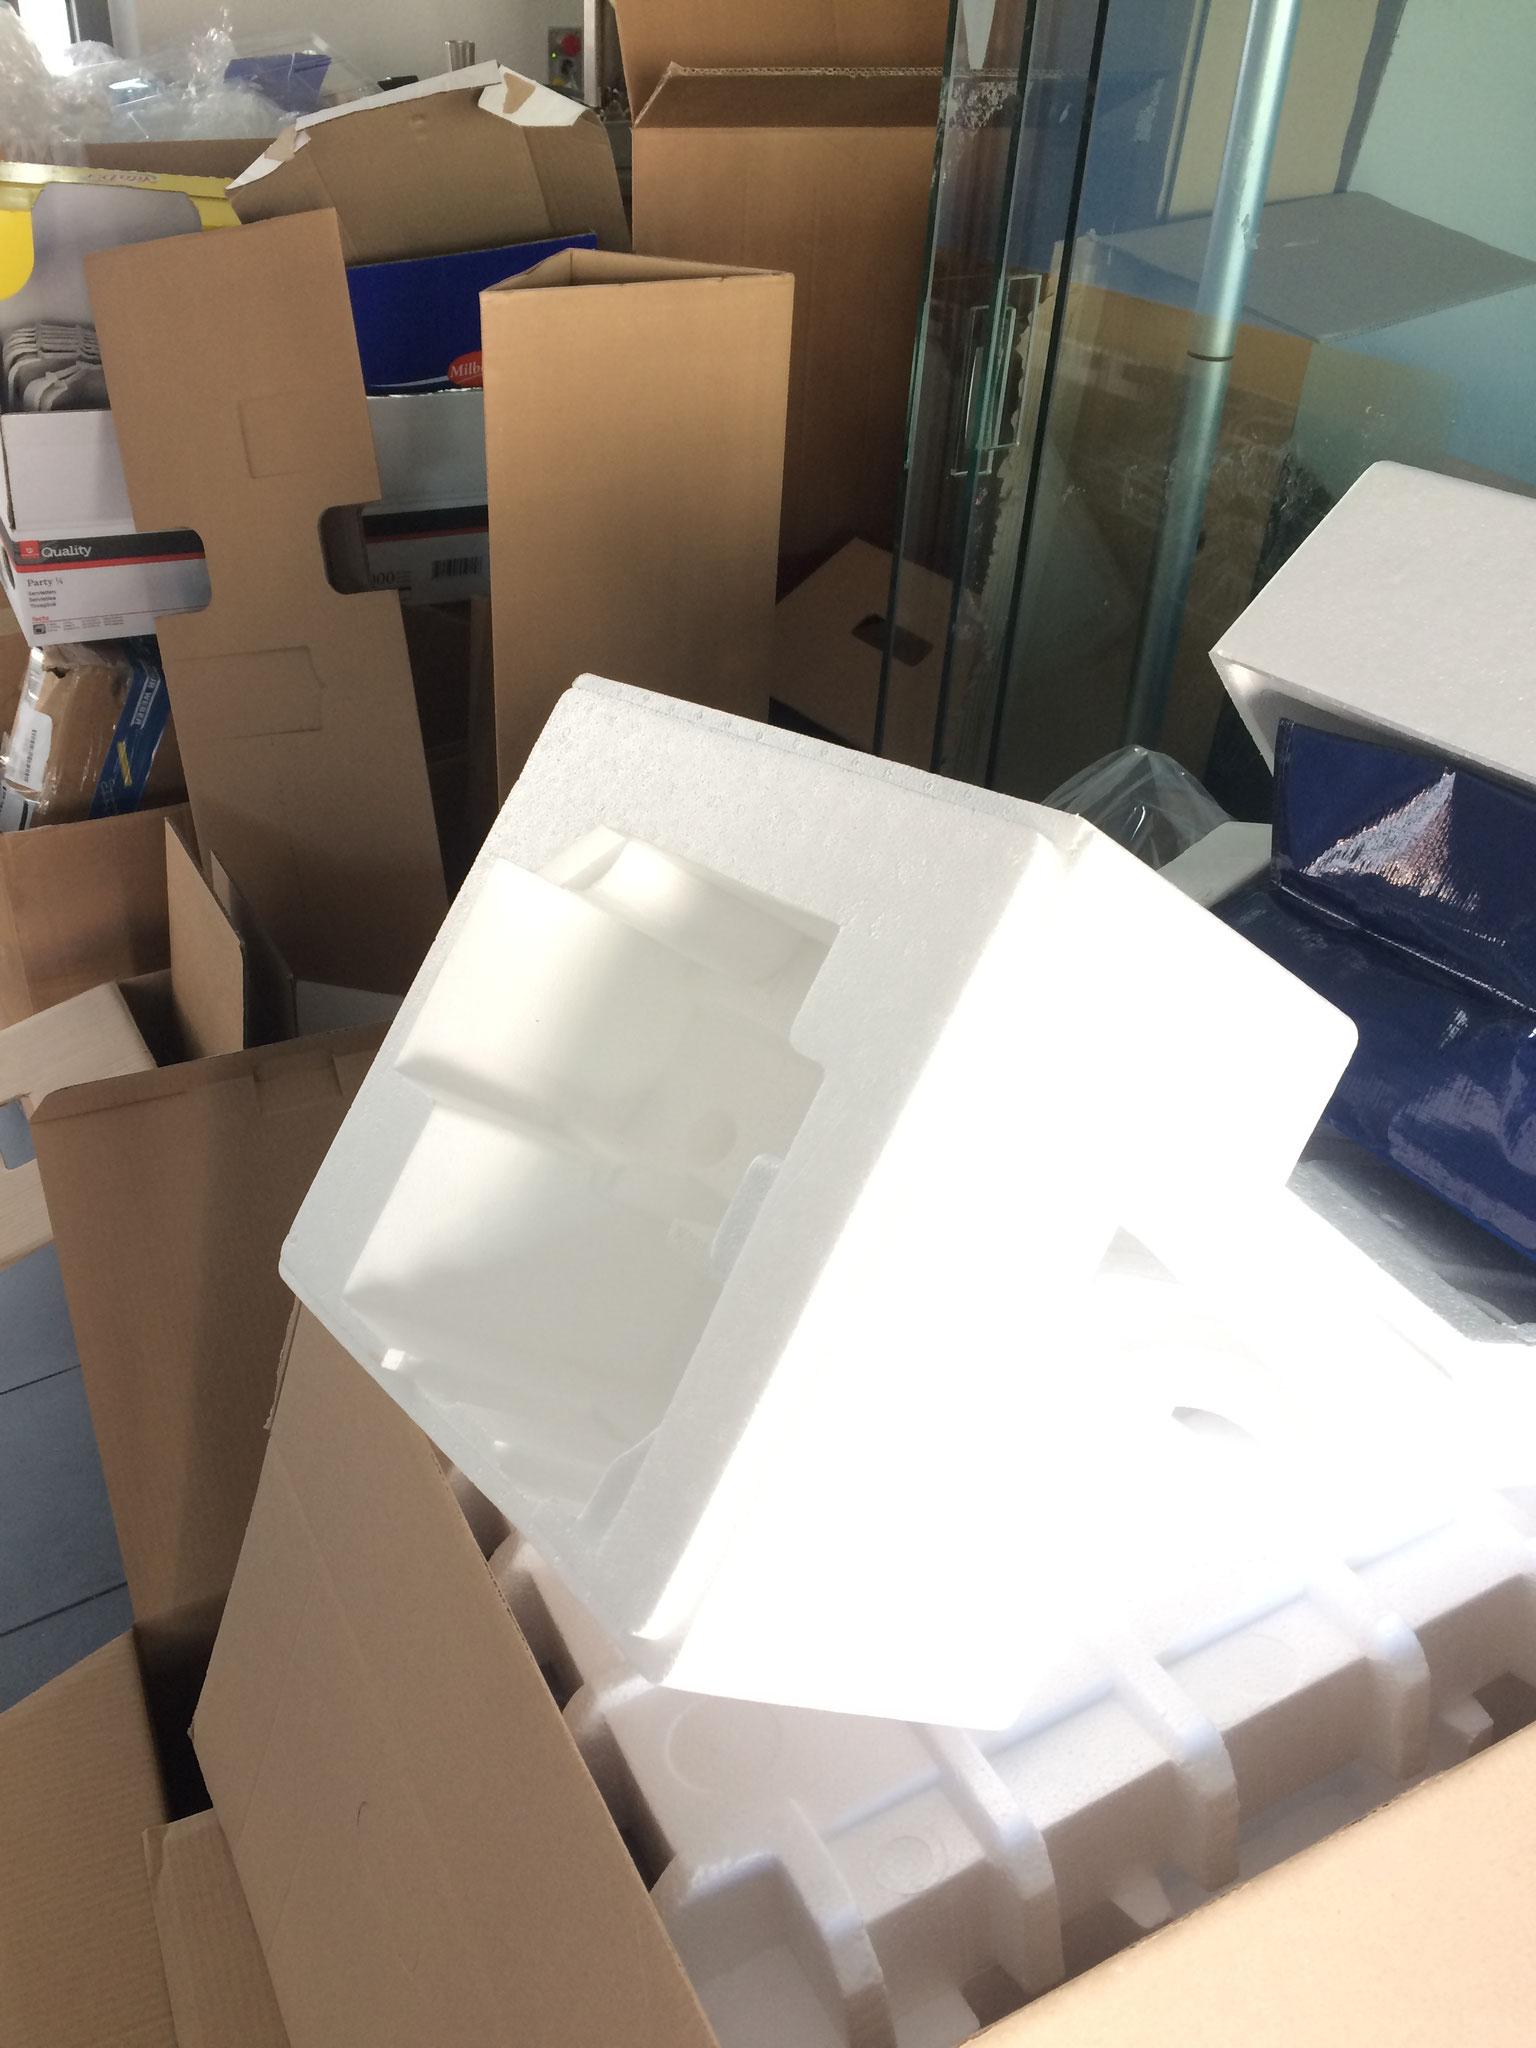 Viele leere Verpackungen